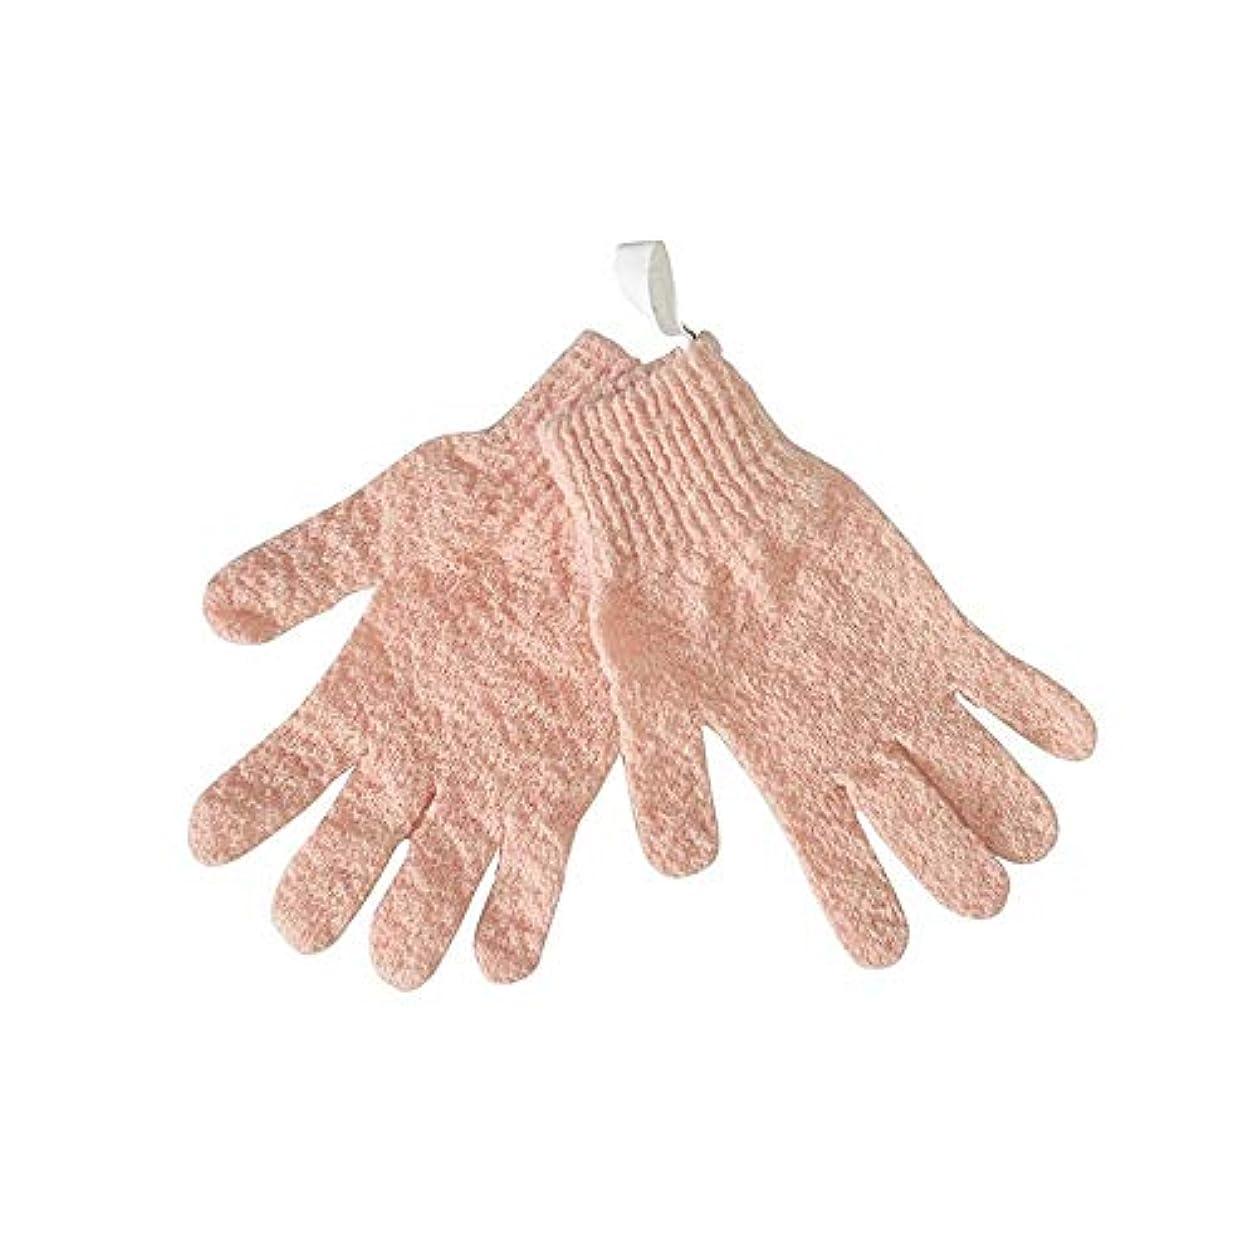 いま尋ねるマラウイBTXXYJP シャワー手袋 お風呂用手袋 あかすり手袋 ボディブラシ ボディタオル やわらか バス用品 男女兼用 角質除去 (Color : Pink)